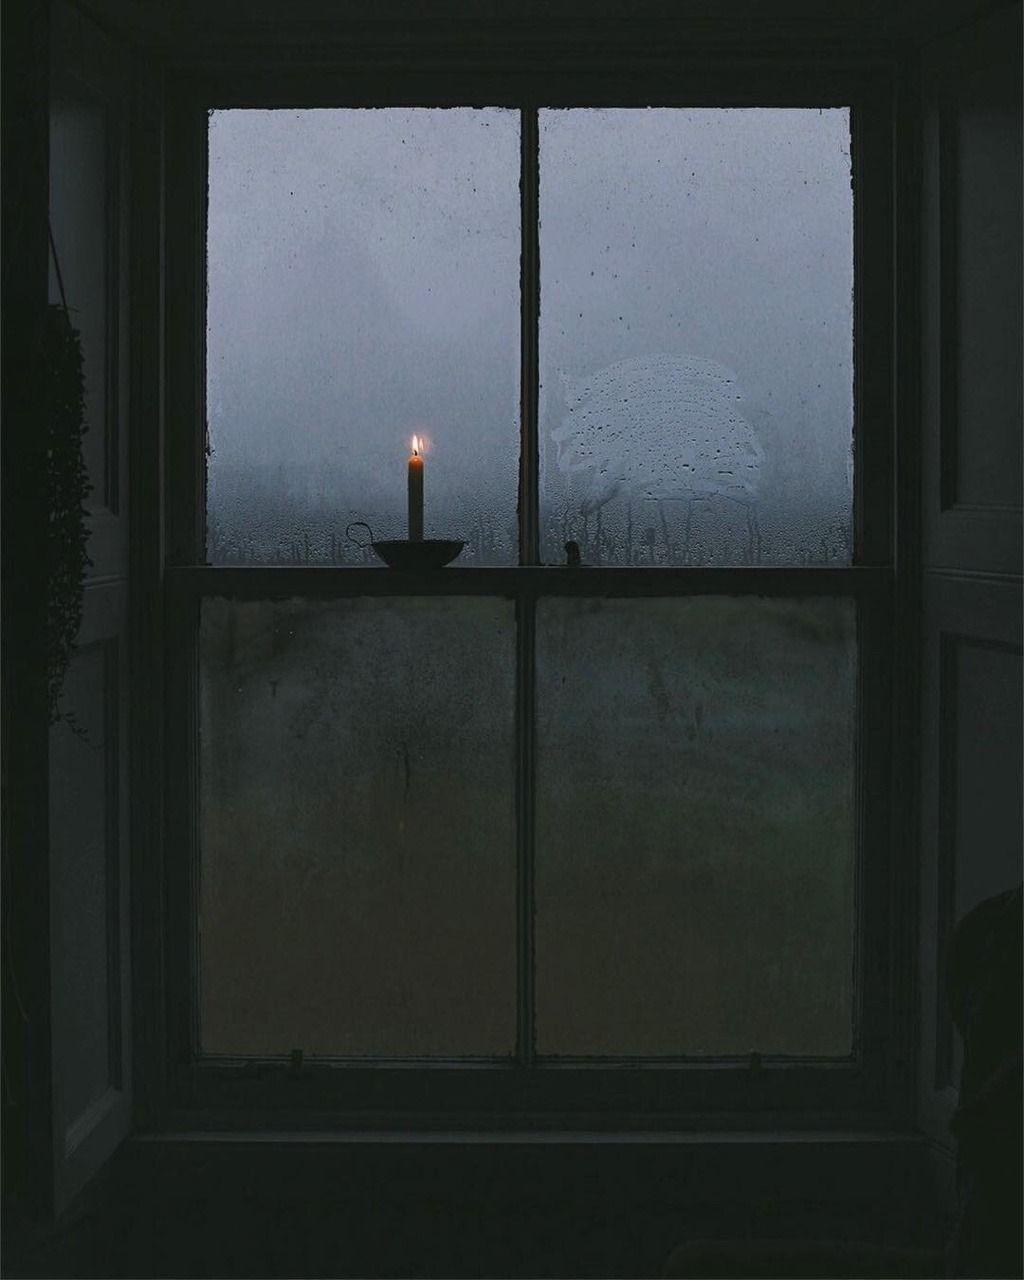 Resultado de imagen para window aesthetic